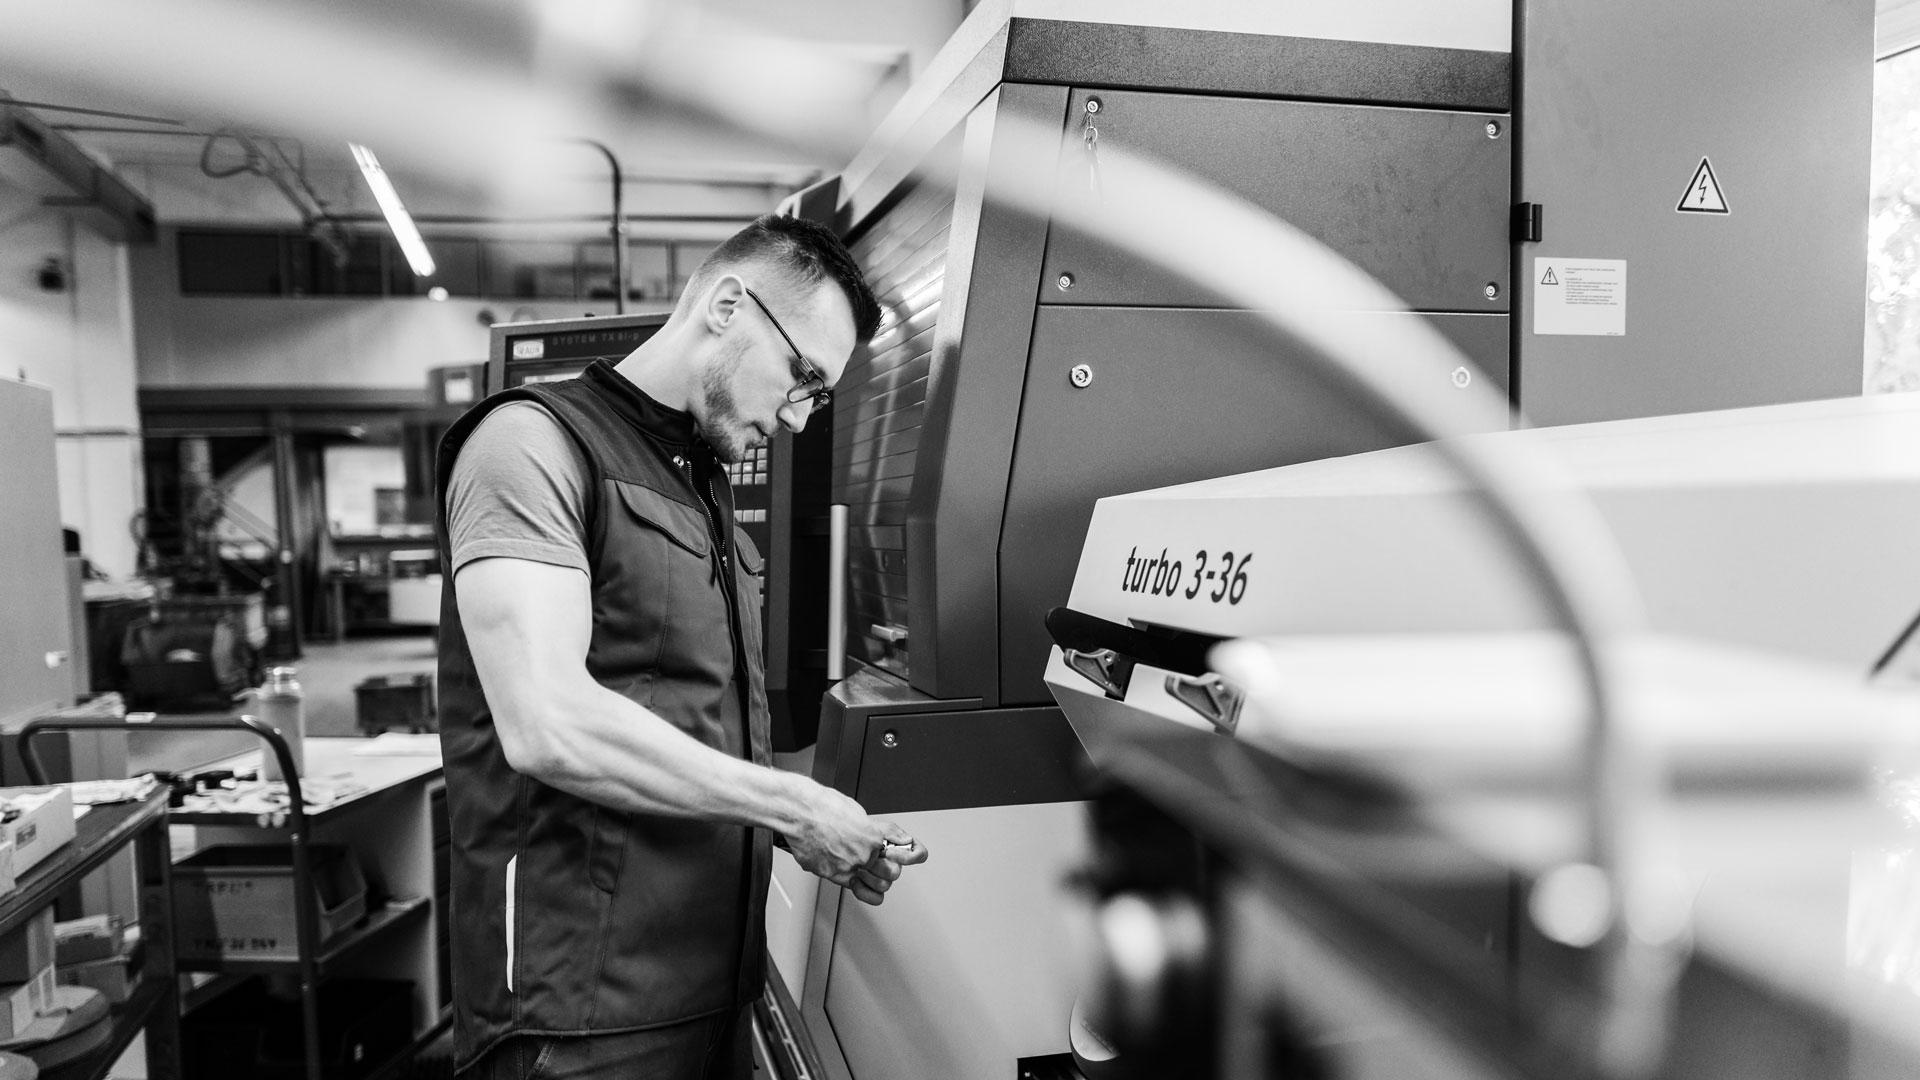 Einblick in die Produktionsstätte / Mitarbeiterportrait